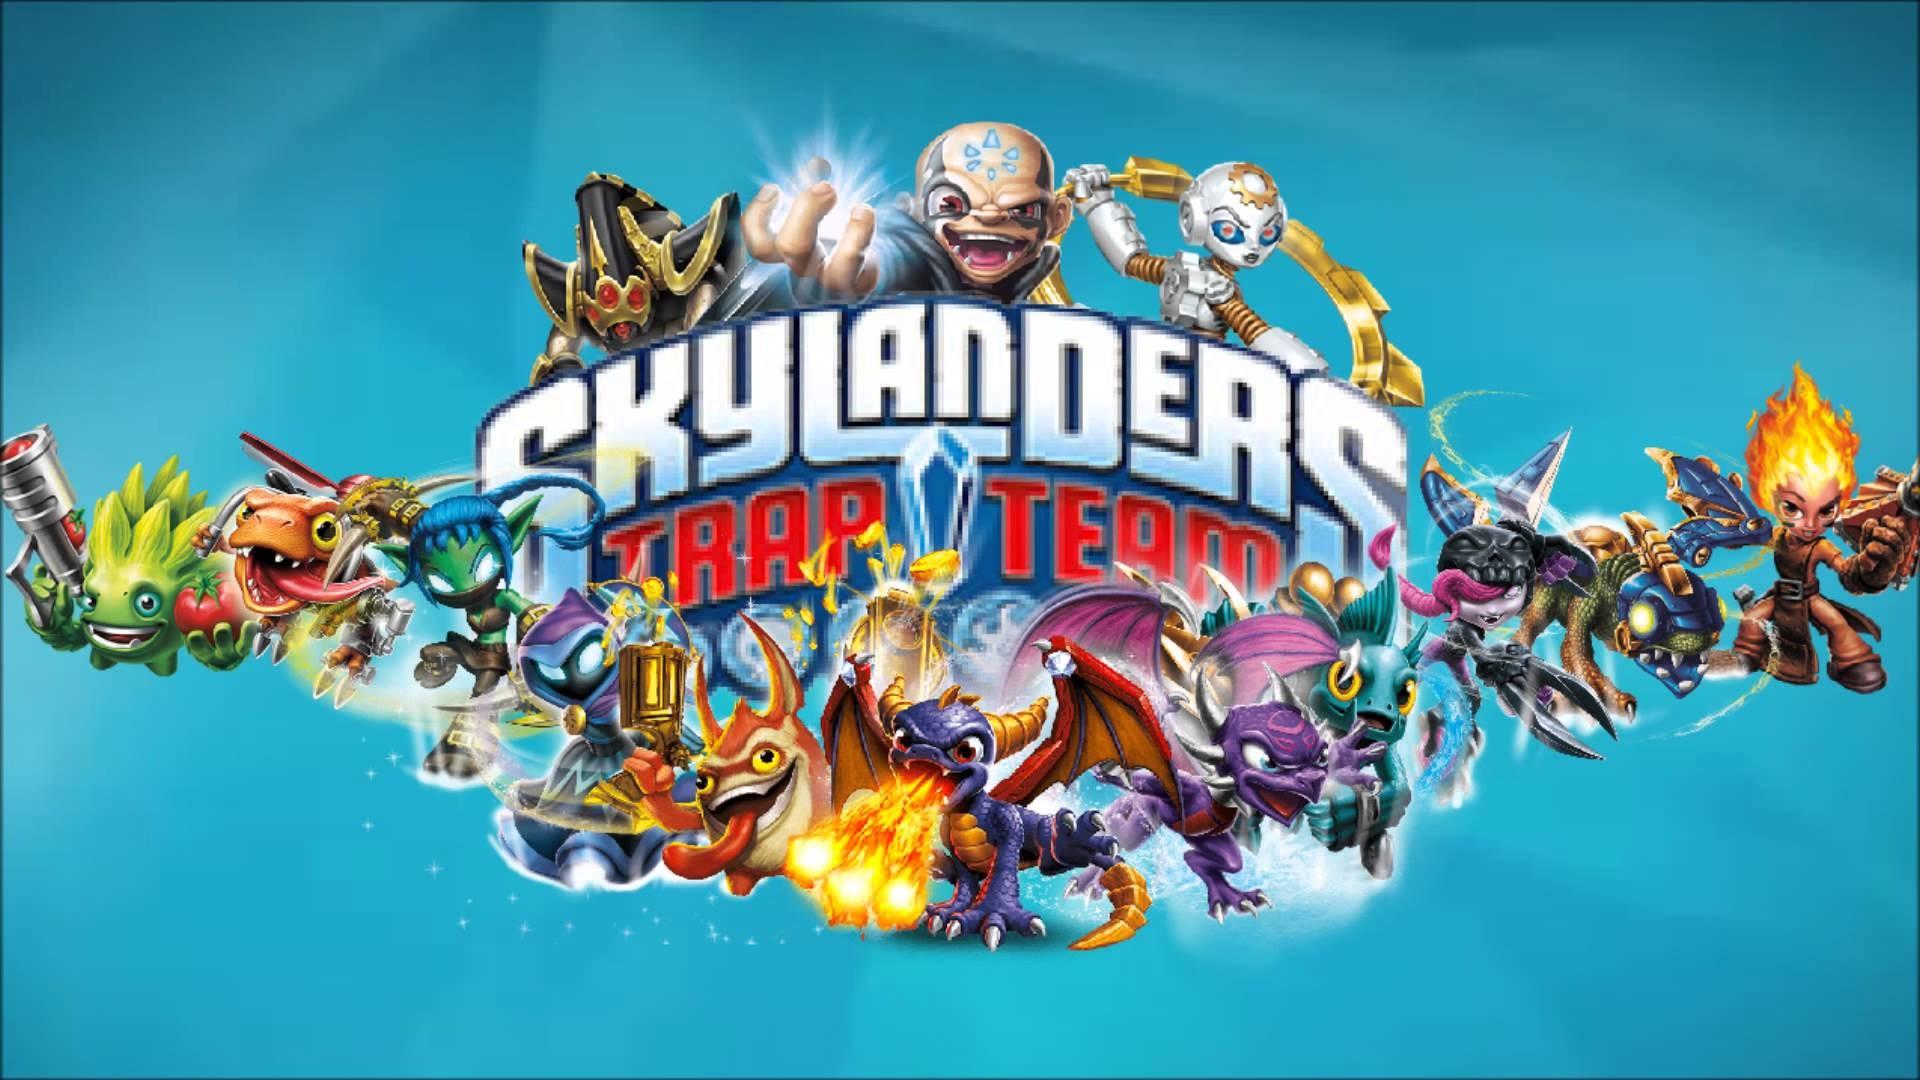 My Own Skylanders Trap Team Wallpaper – YouTube